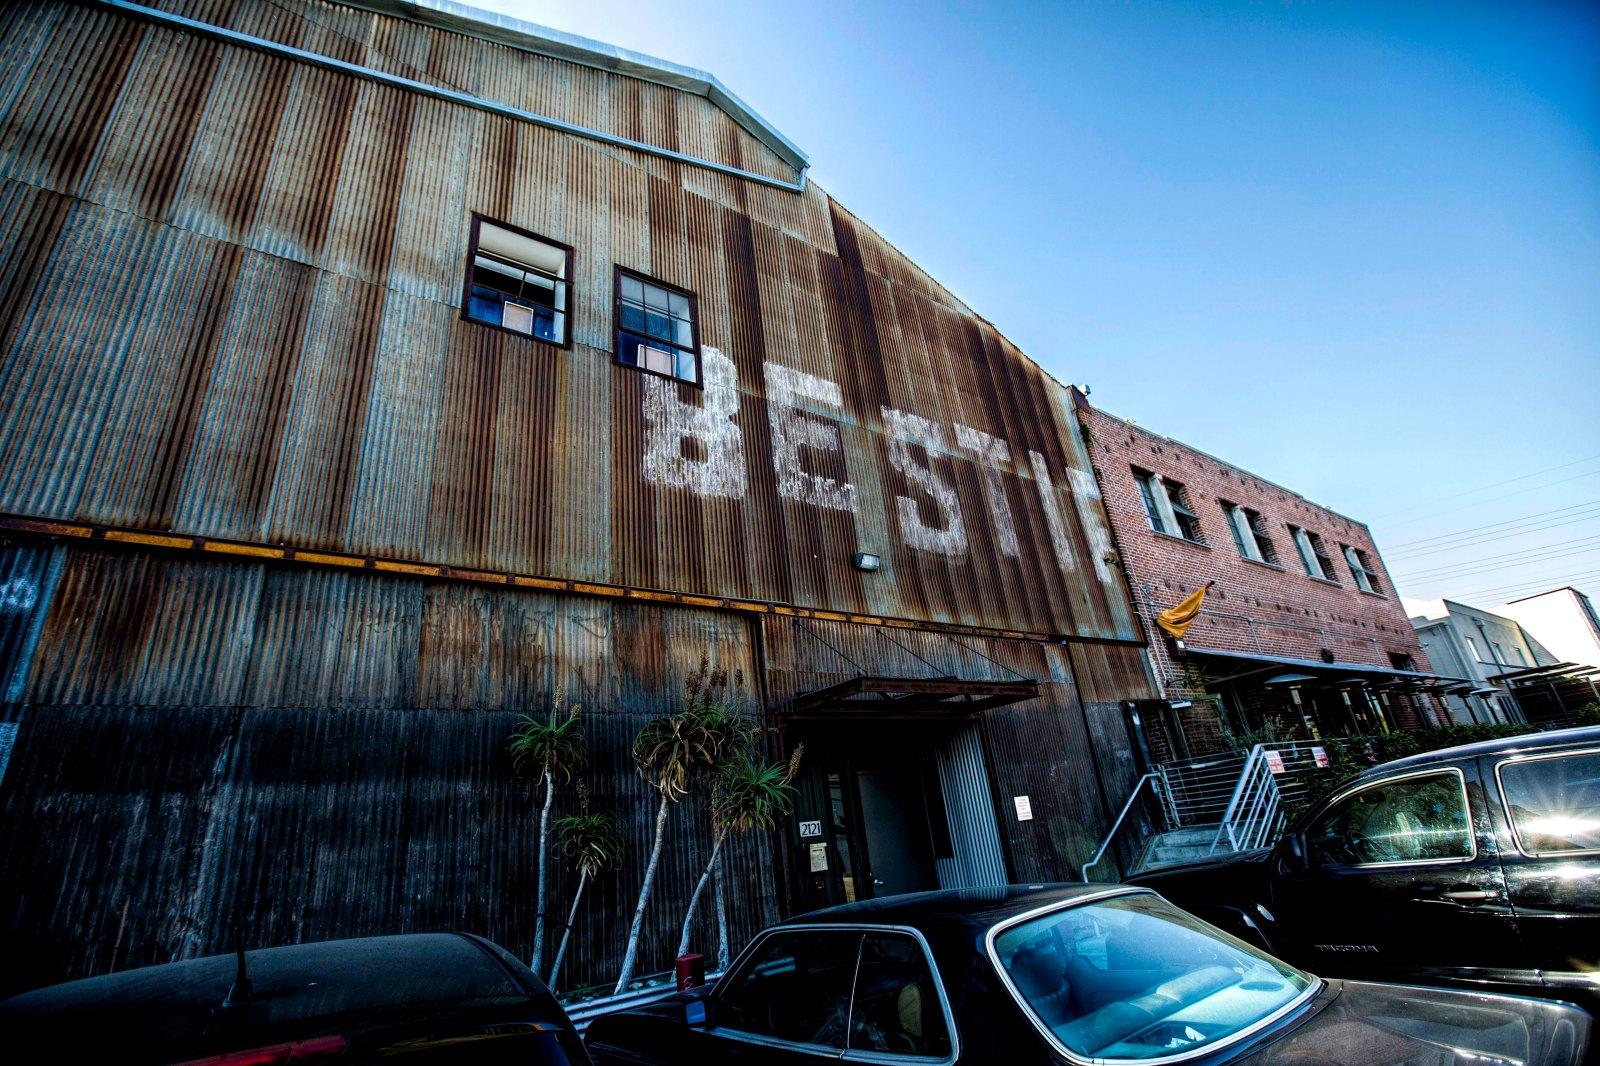 Bestia 01